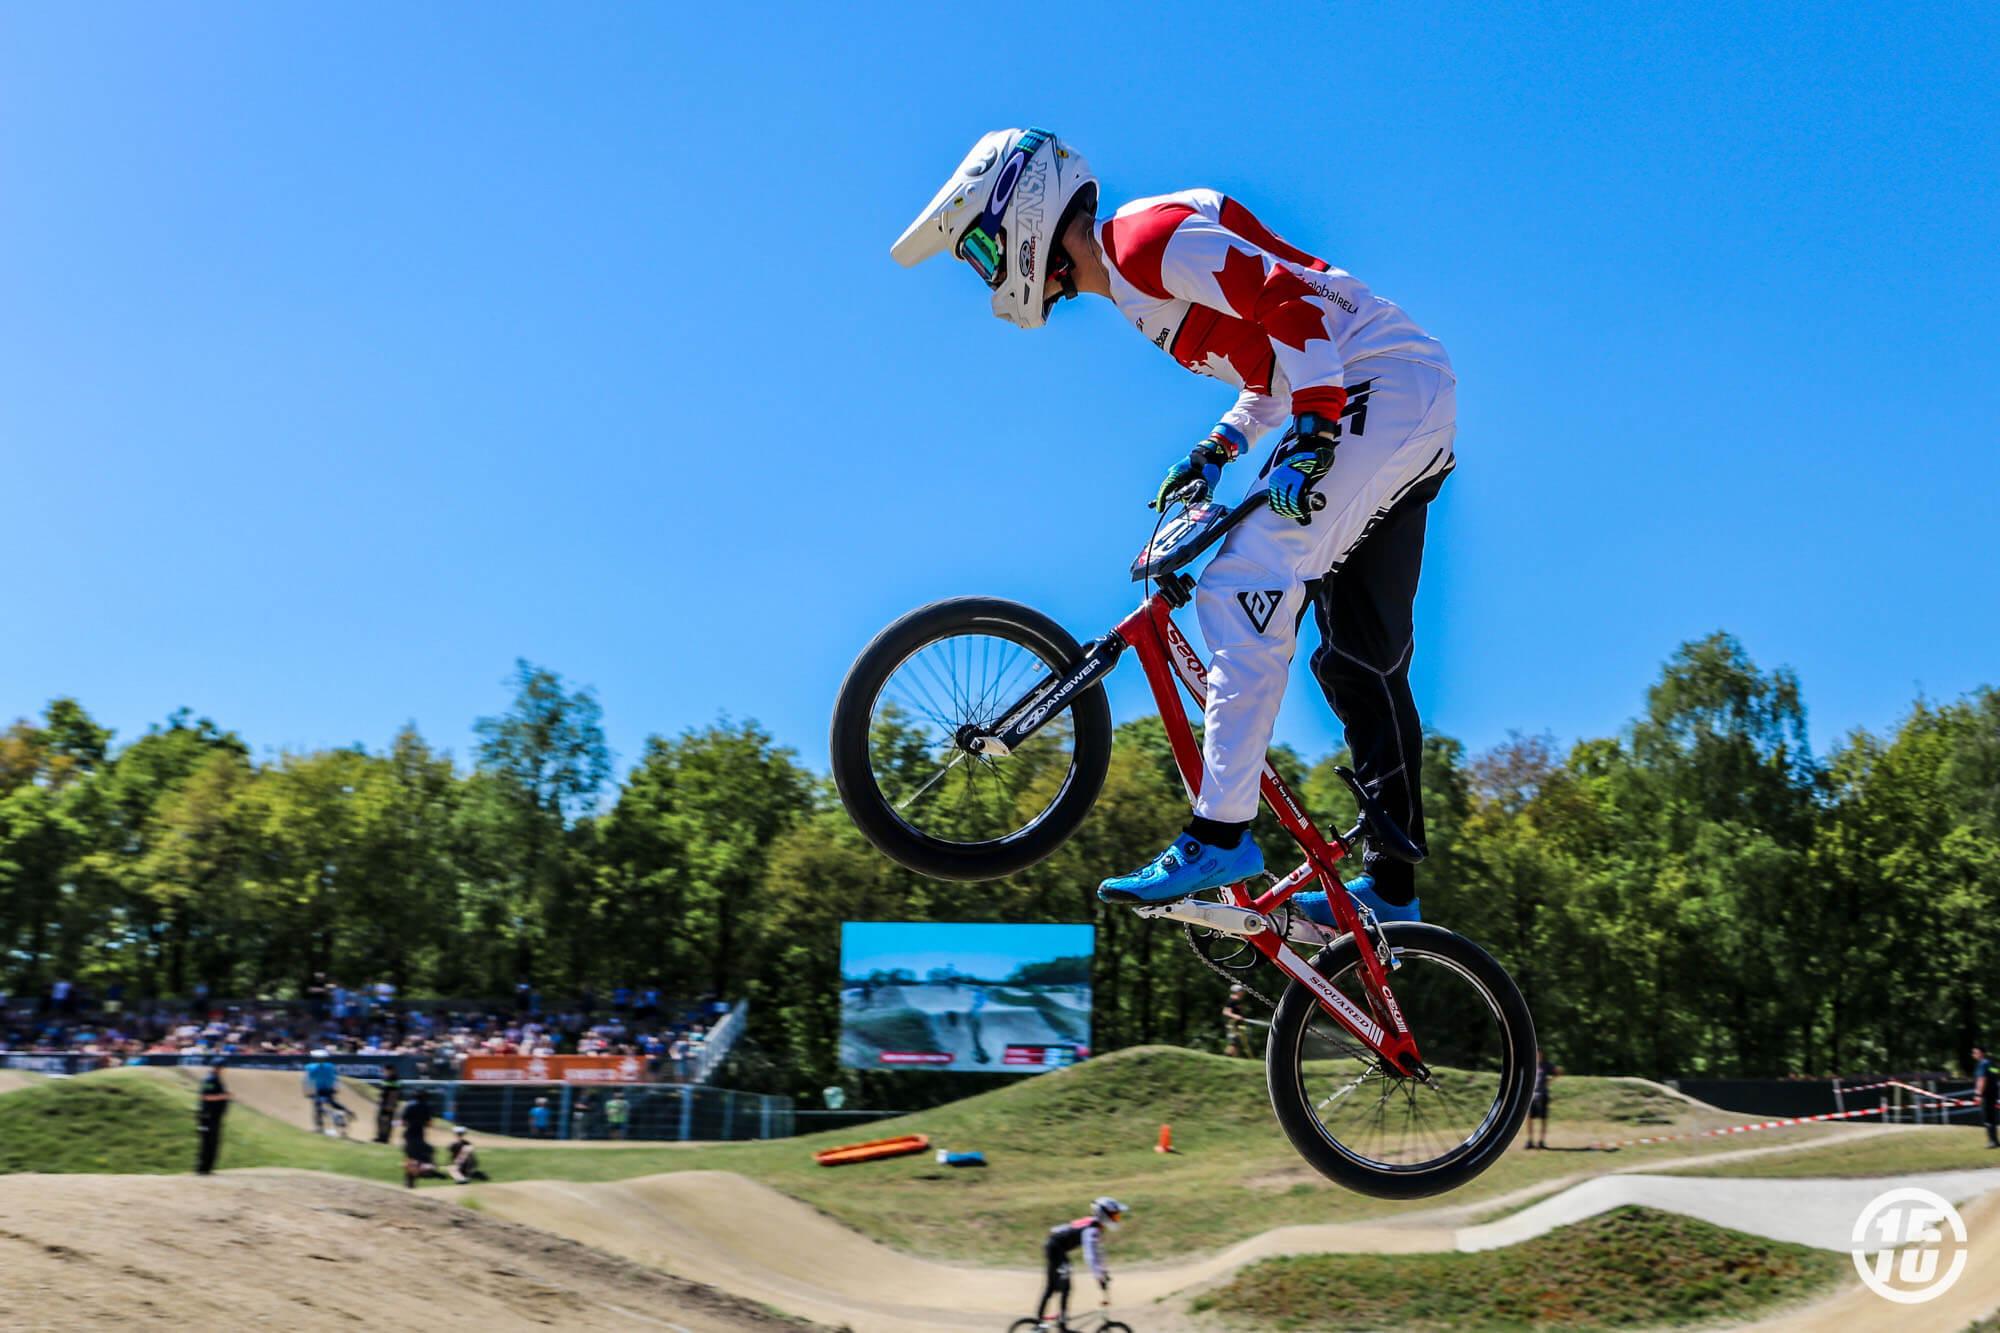 Tory Nyhaug Papendal 2018 - Fifteen BMX